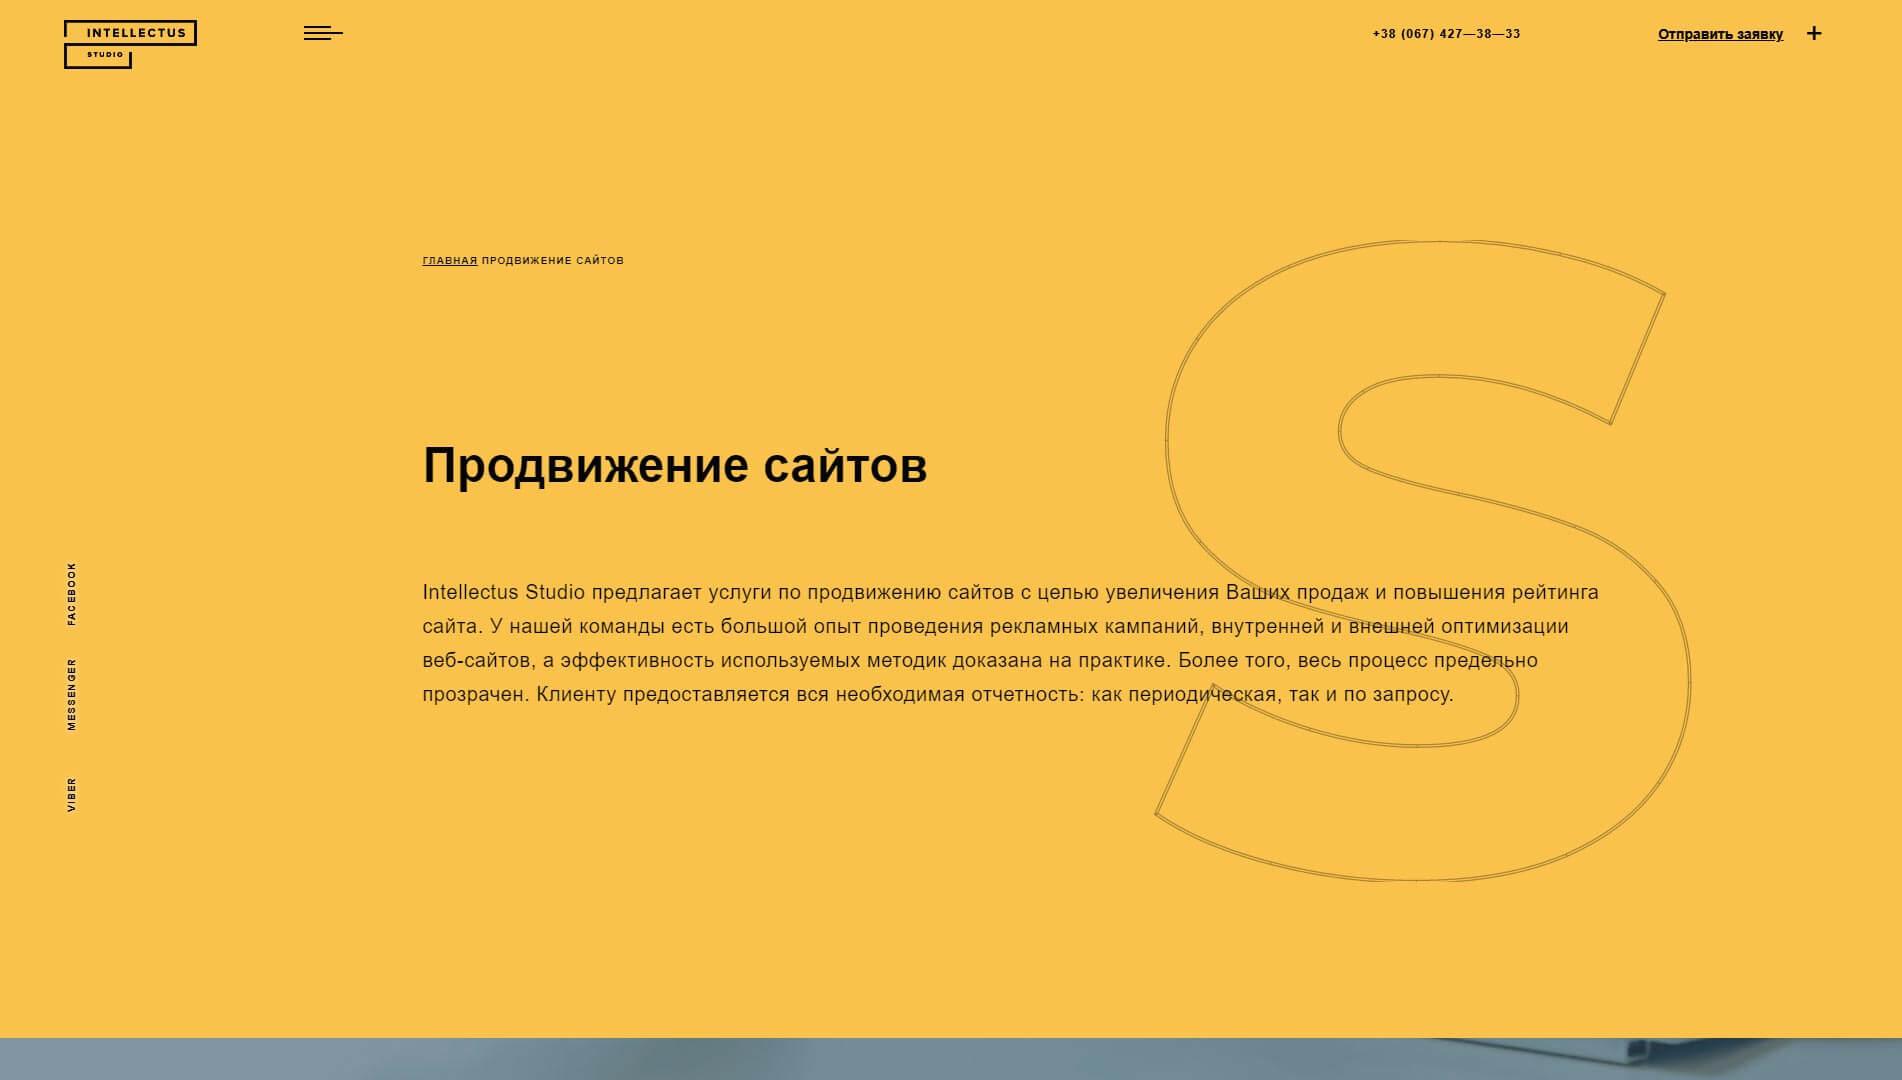 Intellectus - обзор компании, услуги, отзывы, клиенты, Фото № 2 - google-seo.pro